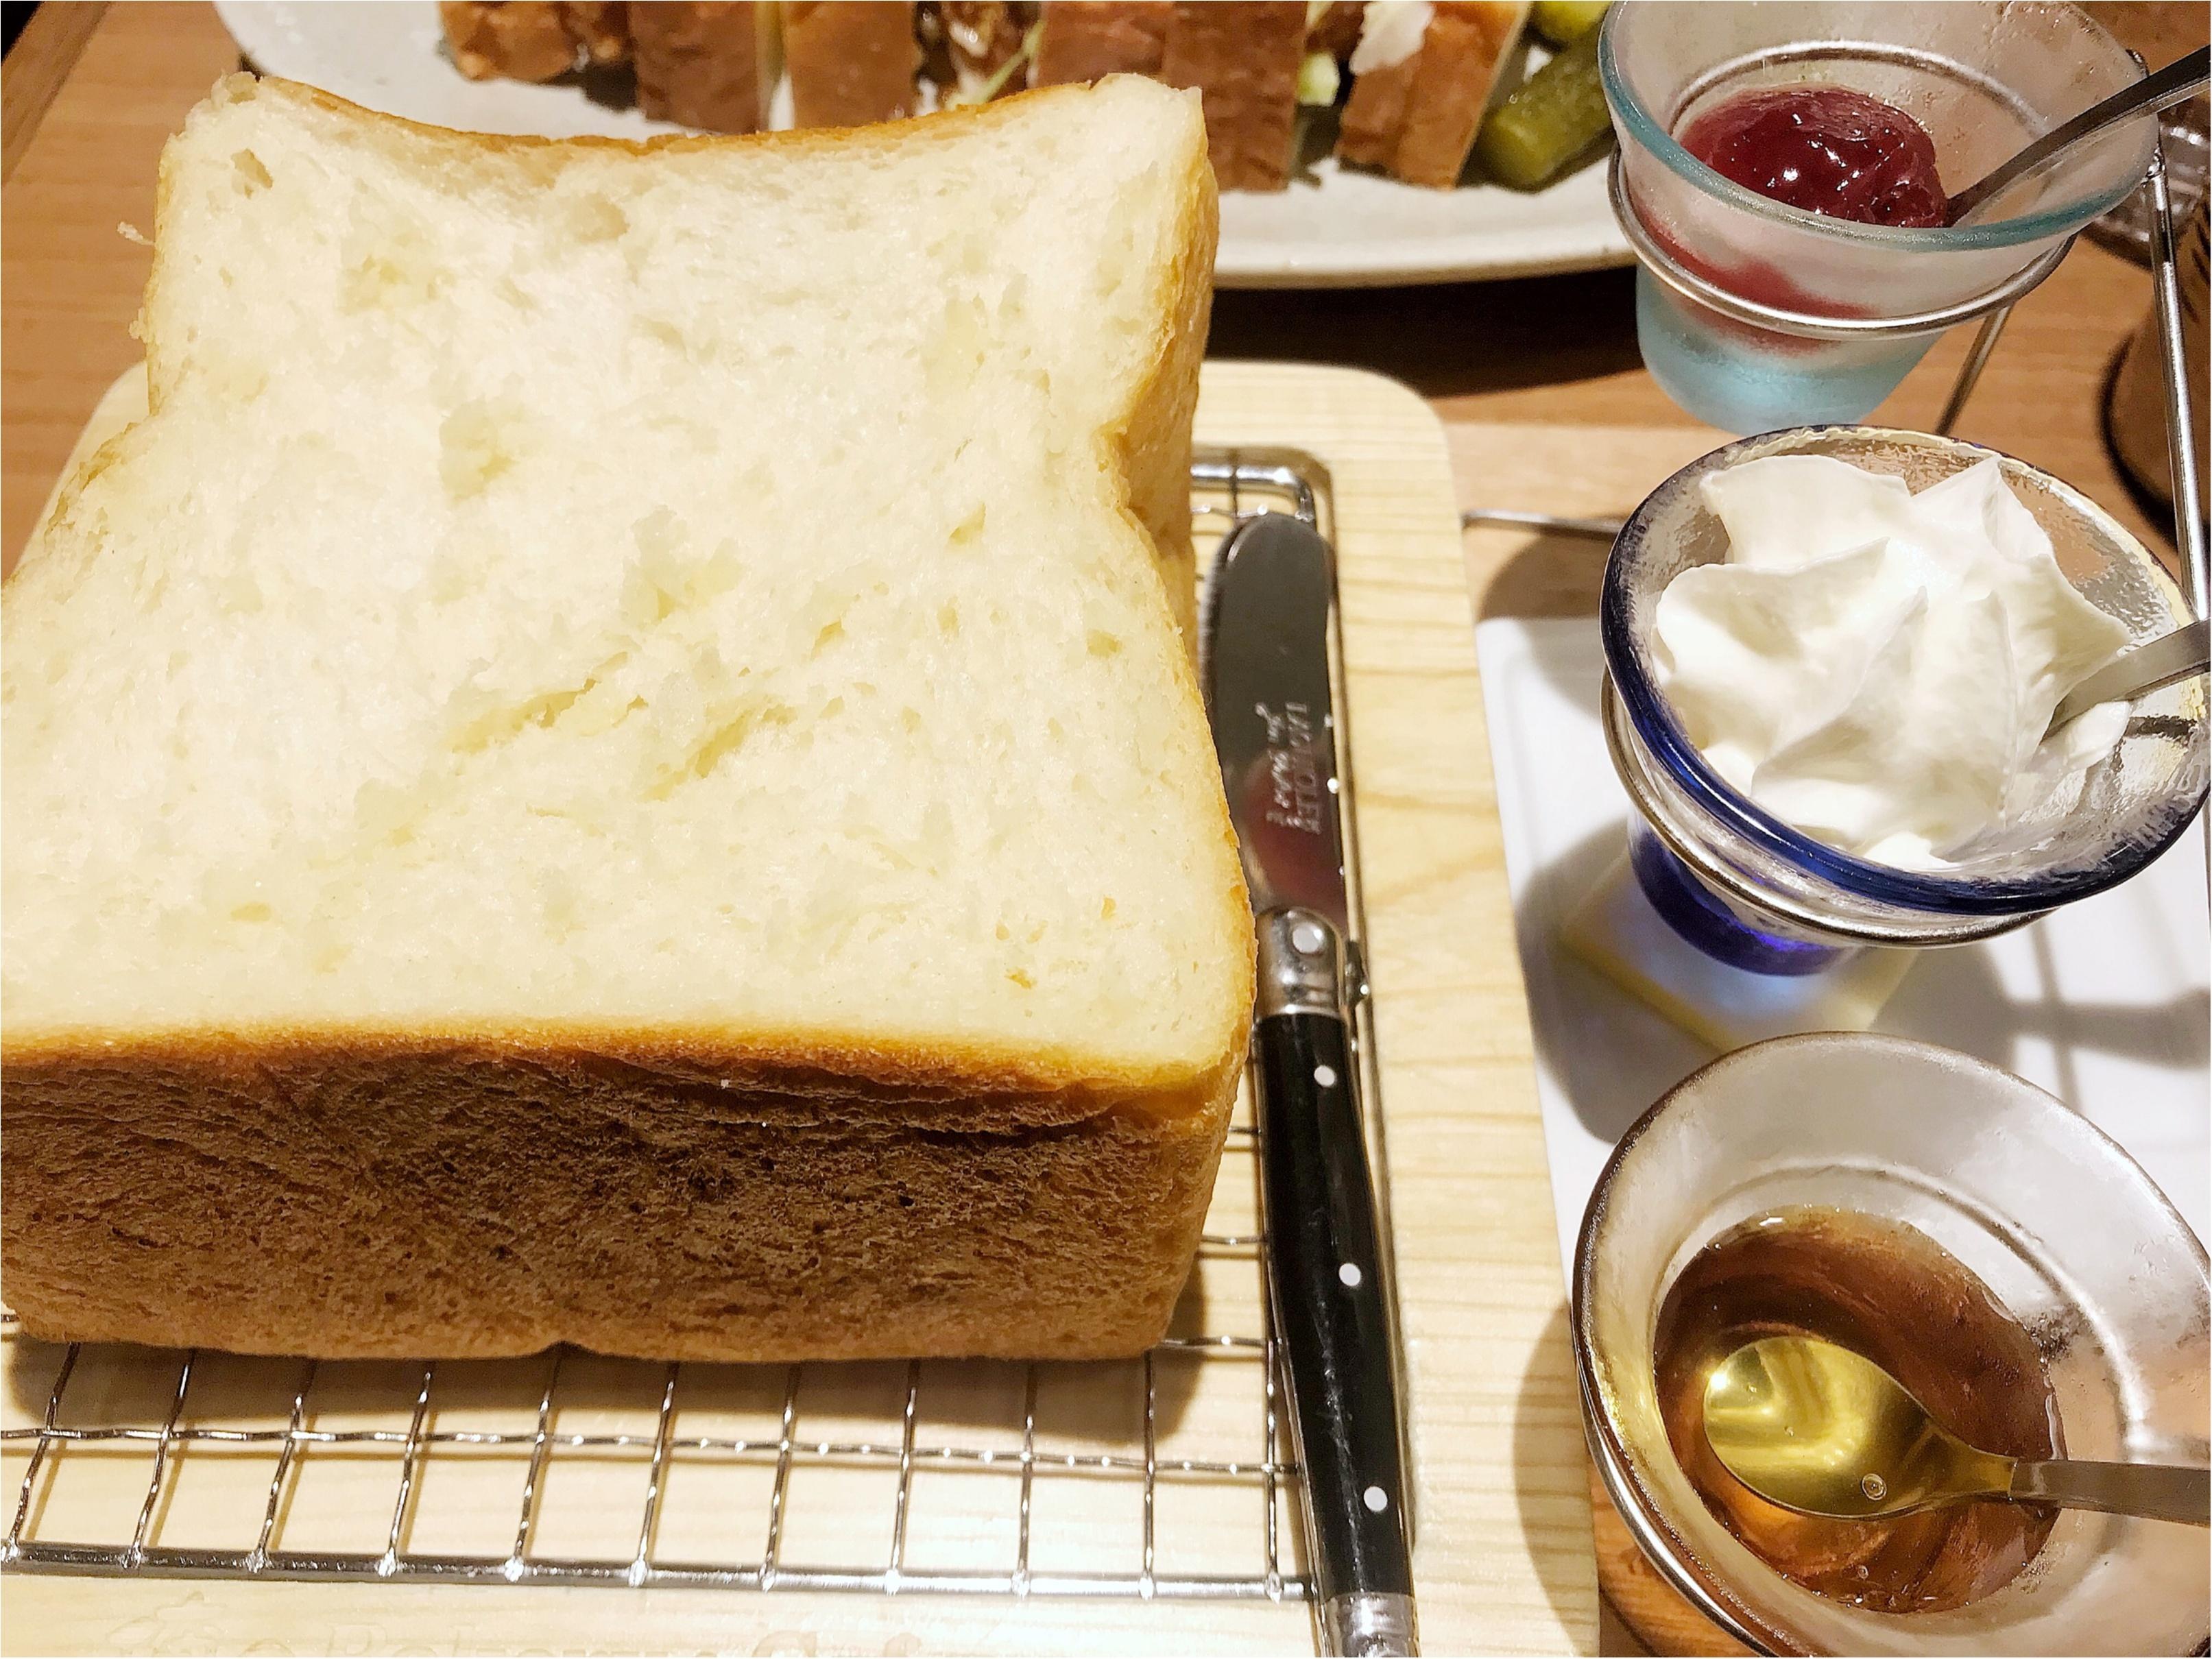 《俺の〜》シリーズのベーカリー♡ふわっふわのパンがたまらない!!_3